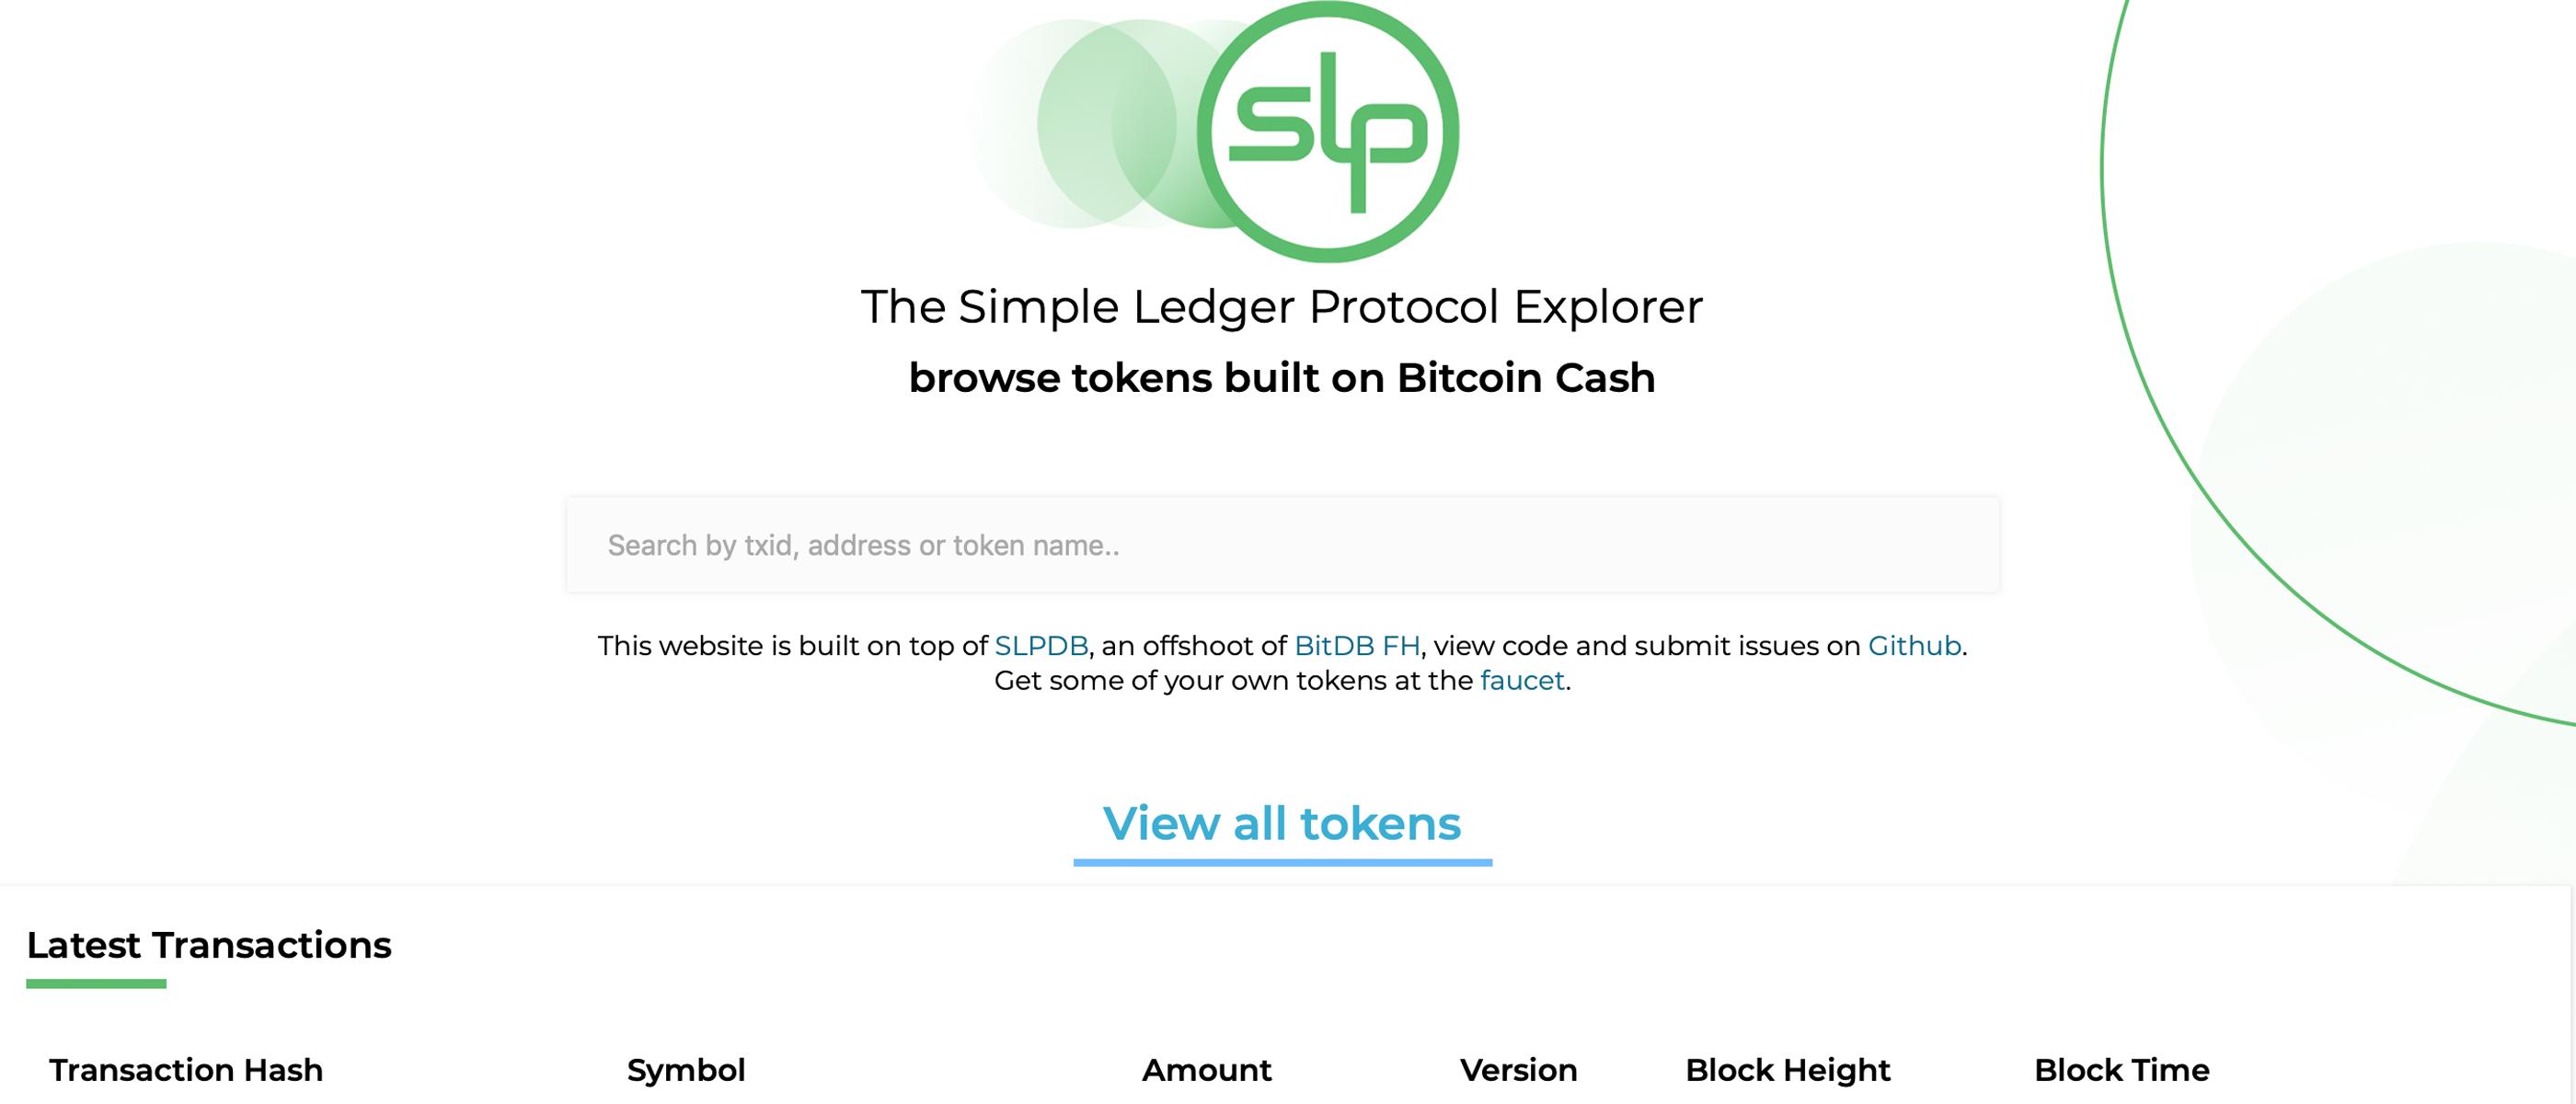 """6 Sitios web de monitoreo que ayudan a rastrear datos de Bitcoin Cash """"width ="""" 2800 """"height ="""" 1200 """"srcset = """"https://blackswanfinances.com/wp-content/uploads/2019/10/slpyo.png 2800w, https://news.bitcoin.com/wp-content/uploads/2019/10/slpyo-300x129 .png 300w, https://news.bitcoin.com/wp-content/uploads/2019/10/slpyo-768x329.png 768w, https://news.bitcoin.com/wp-content/uploads/2019/10 /slpyo-1024x439.png 1024w, https://news.bitcoin.com/wp-content/uploads/2019/10/slpyo-696x298.png 696w, https://news.bitcoin.com/wp-content/uploads /2019/10/slpyo-1392x597.png 1392w, https://news.bitcoin.com/wp-content/uploads/2019/10/slpyo-1068x458.png 1068w, https://news.bitcoin.com/wp -content / uploads / 2019/10 / slpyo-980x420.png 980w """"tamaños ="""" (ancho máximo: 2800px) 100vw, 2800px"""